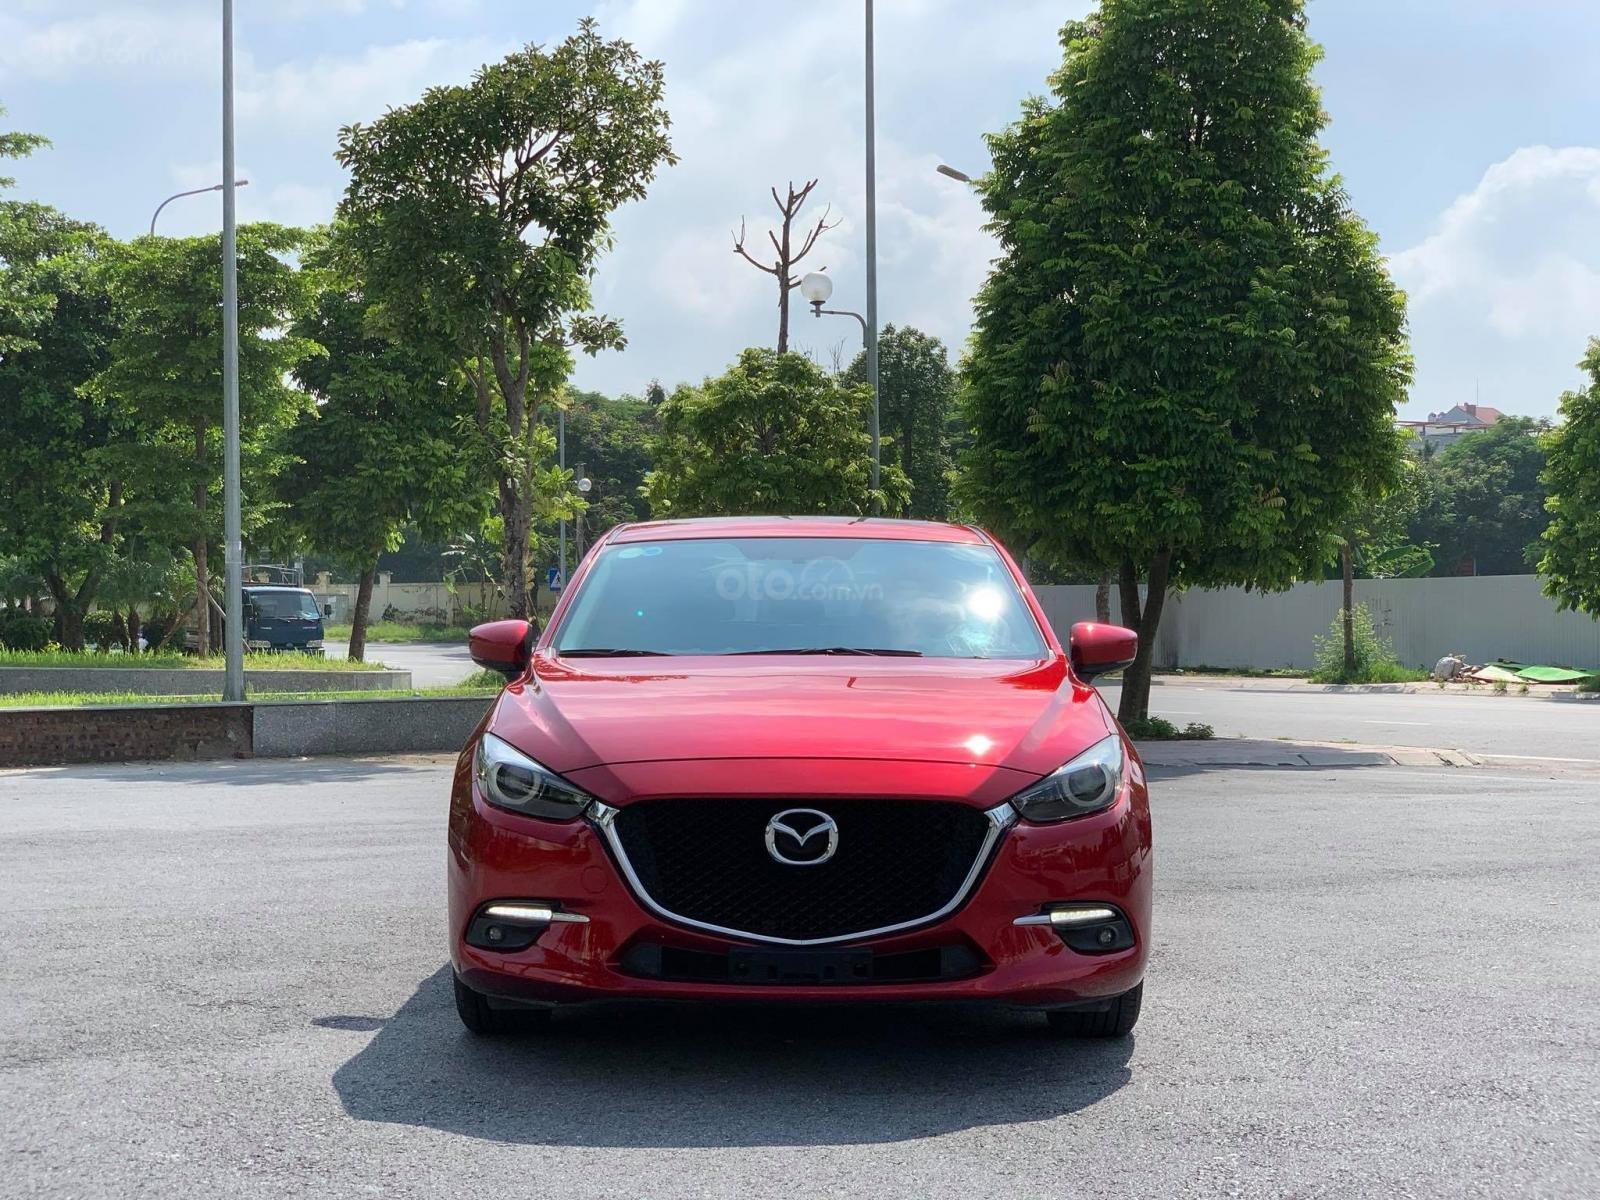 Cần bán xe Mazda 3 đời 2019, màu đỏ (1)